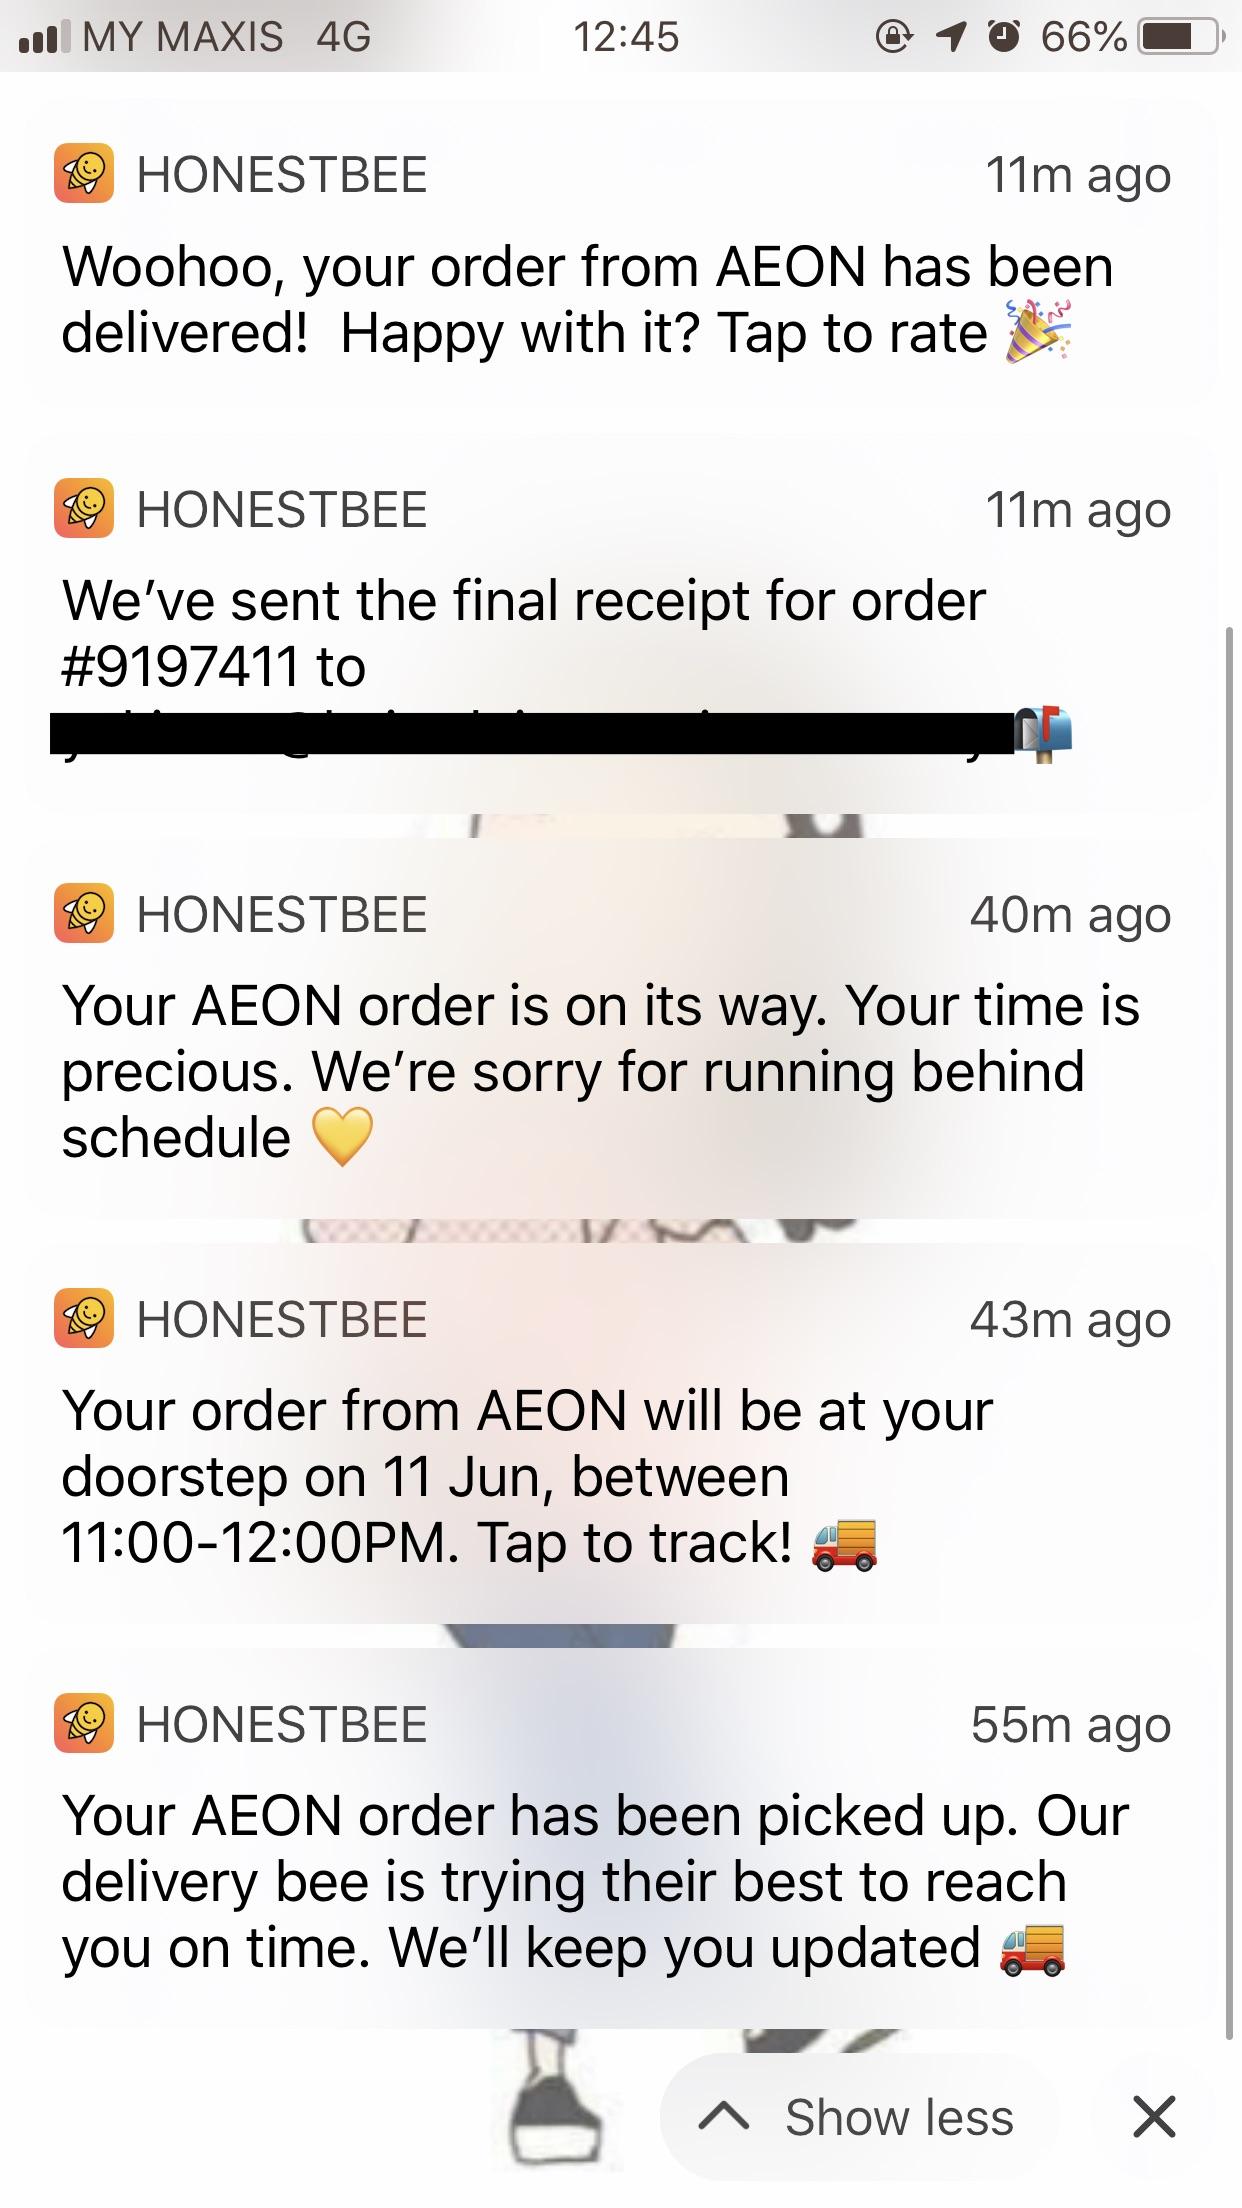 honestbee-00017